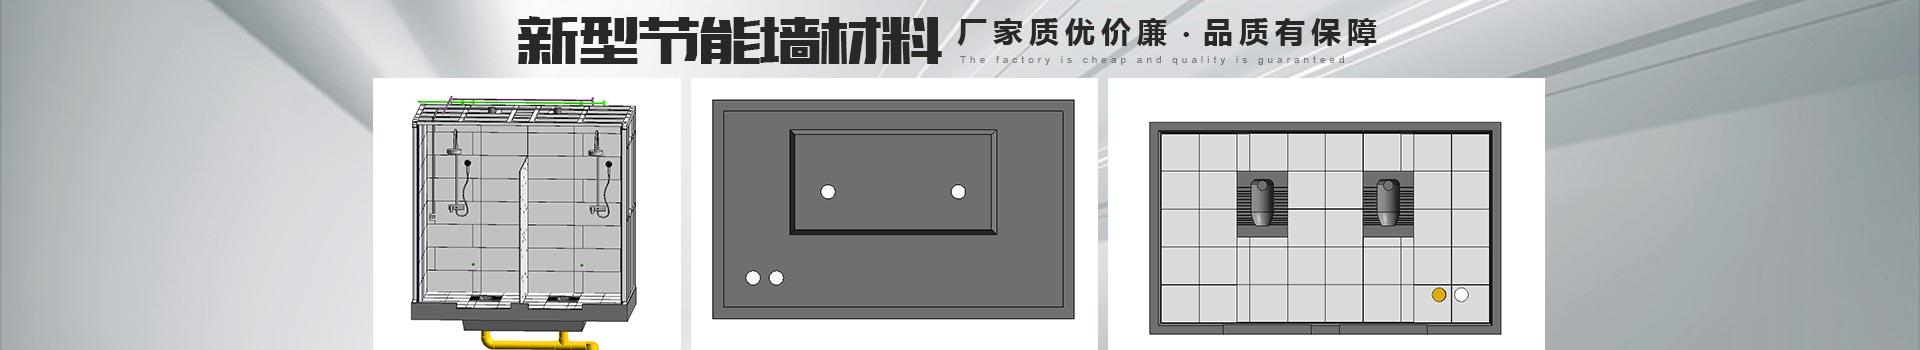 景典-新型节能墙材料